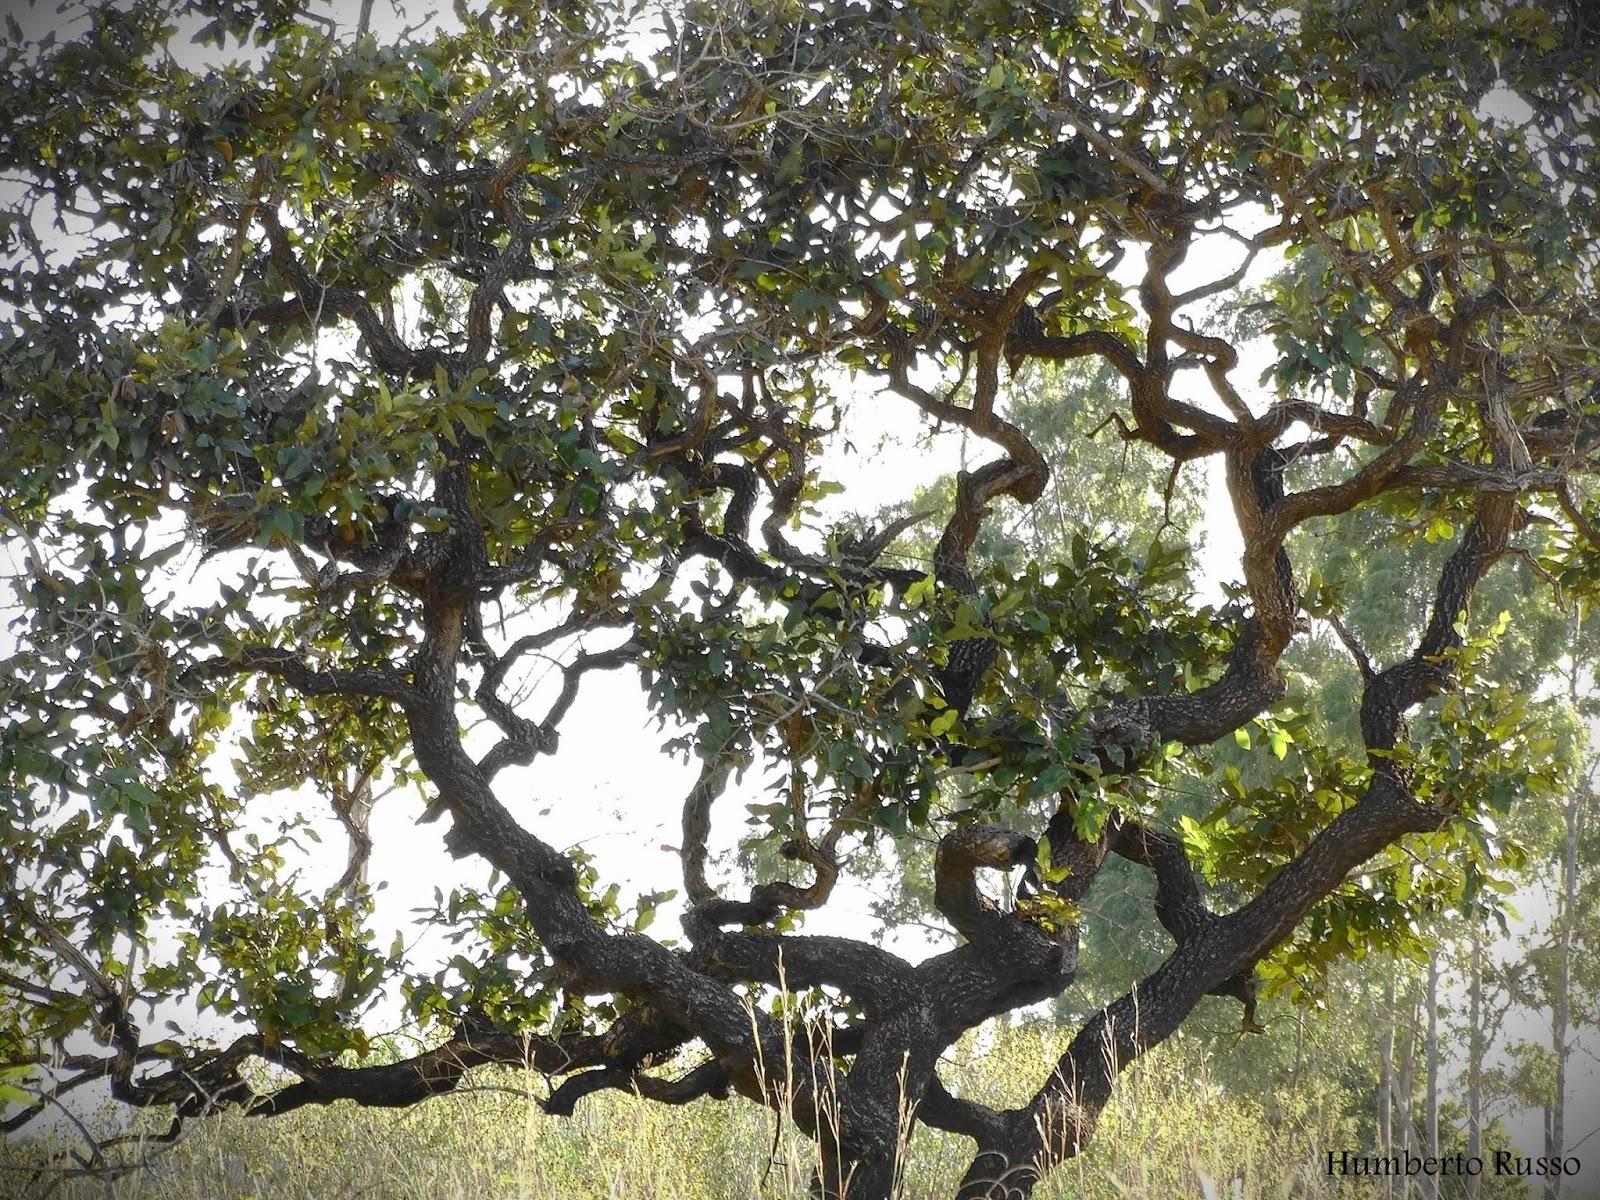 A vegetação do Cerrado é influenciada pelas características de solo, clima e fogo. A baixa fertilidade e a elevada toxicidade do solo são associadas ao nanismo e a tortuosidade da vegetação.